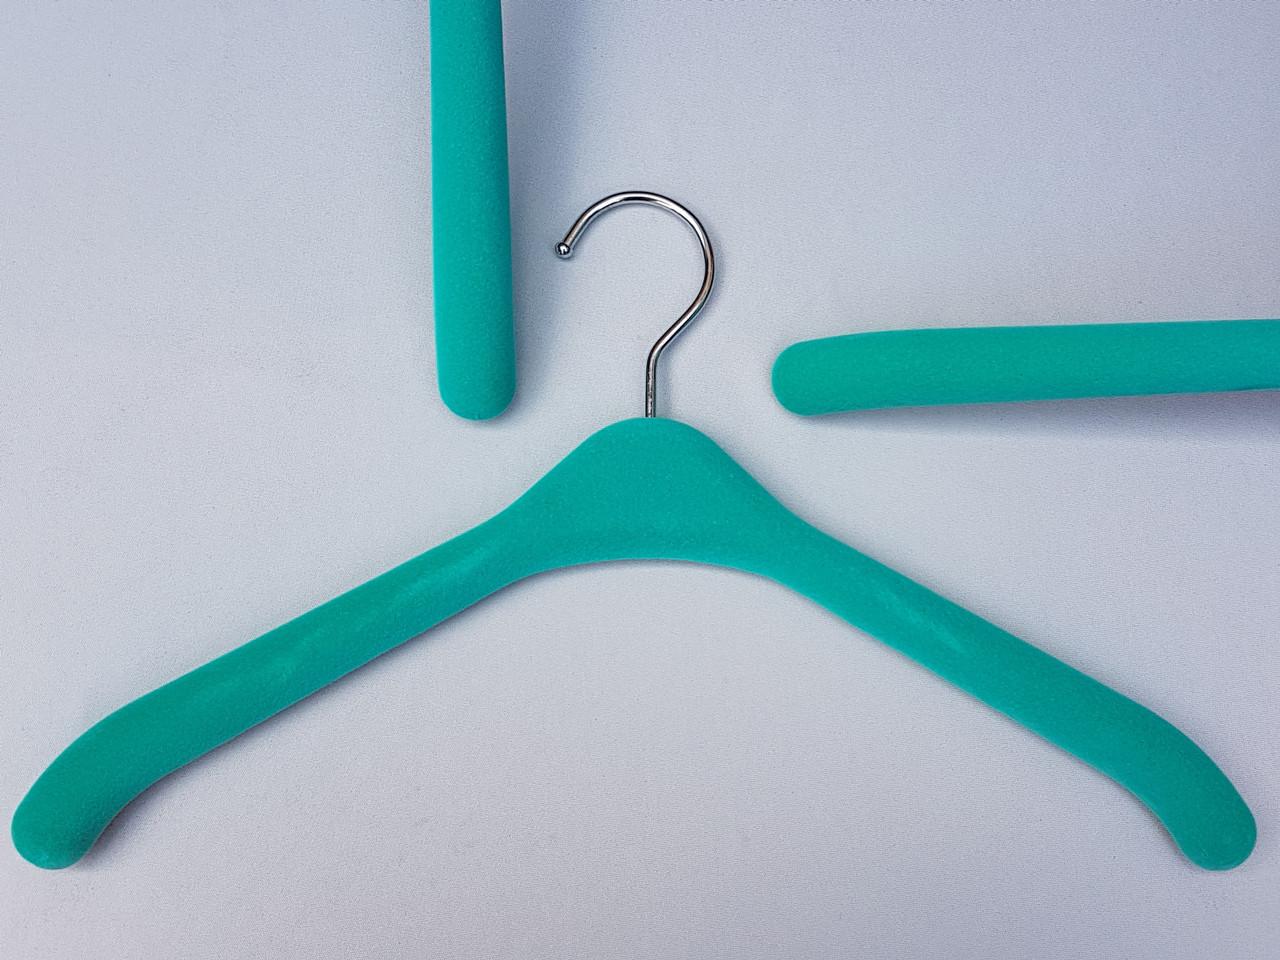 Плечики вешалки тремпеля флокированные (бархатные, велюровые) бирюзового цвета, длина 38,5 см